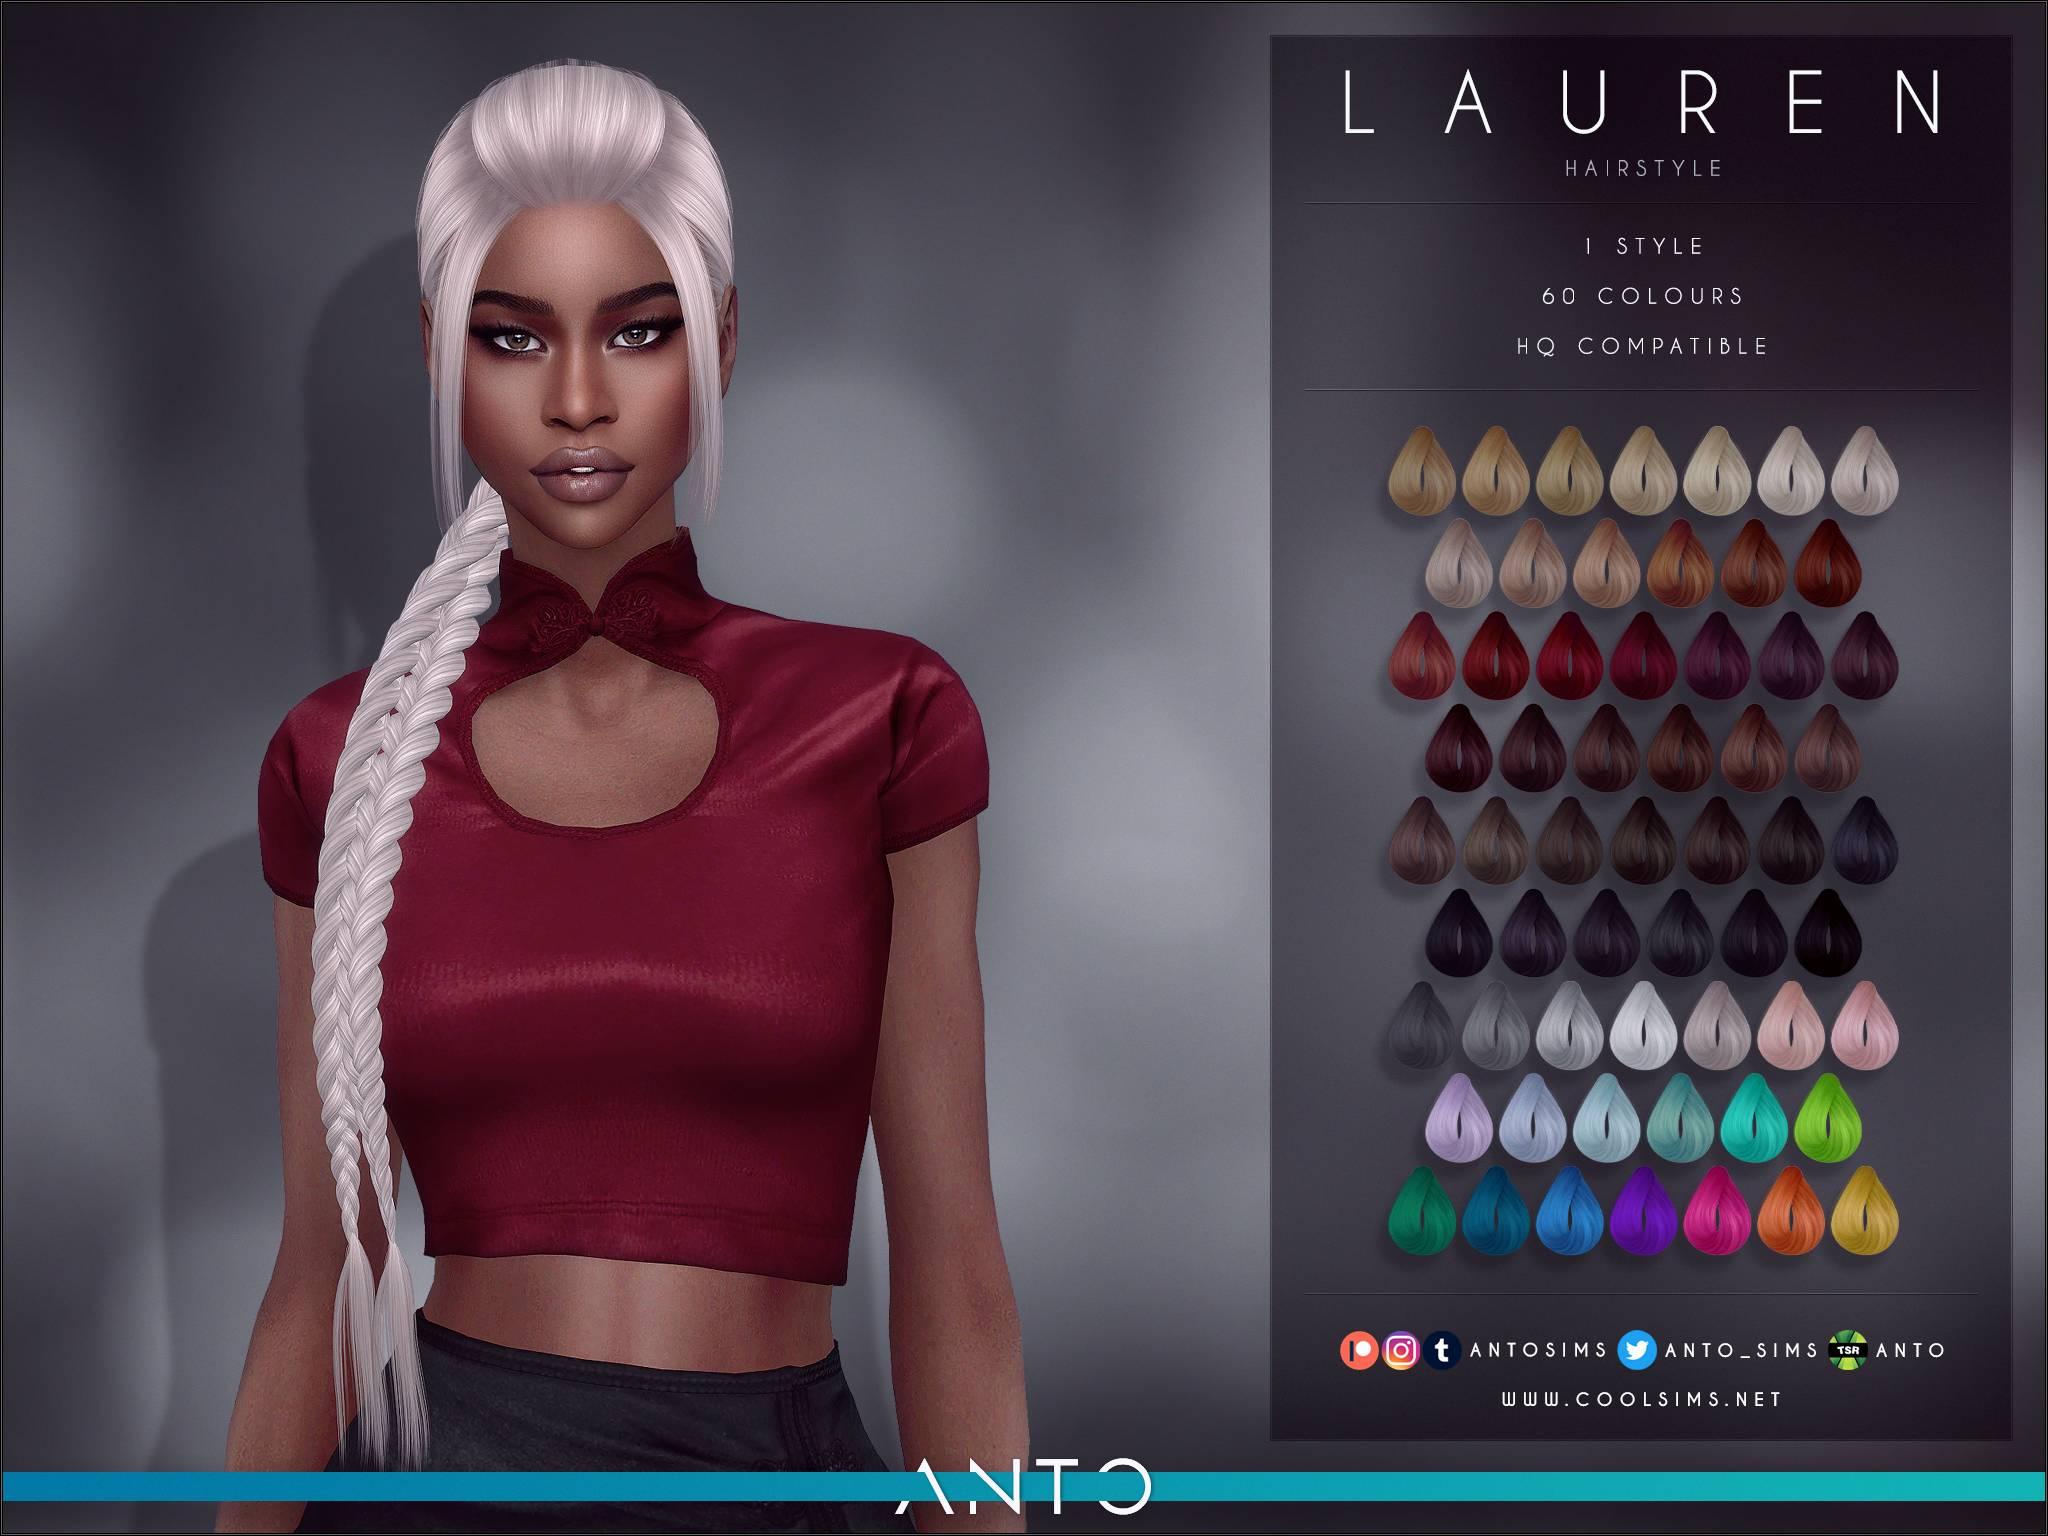 Женская прическа - Lauren